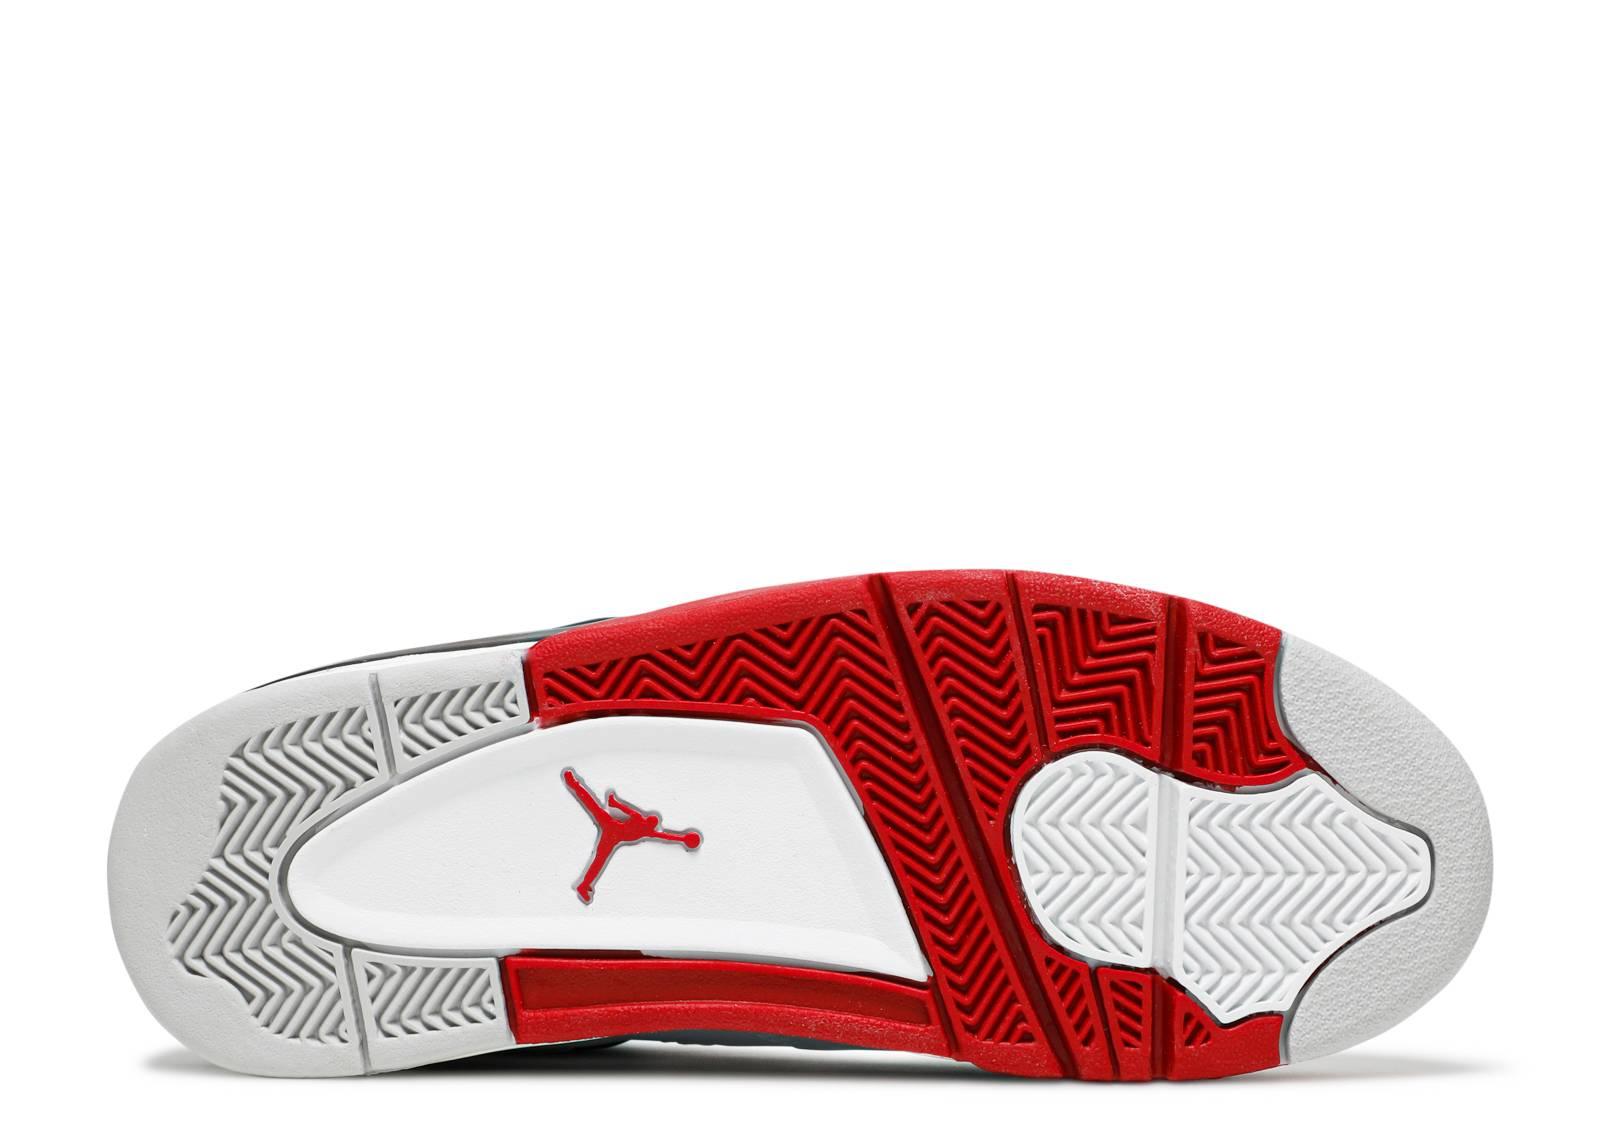 Air Jordan 4 Retro 'Mars' 2006